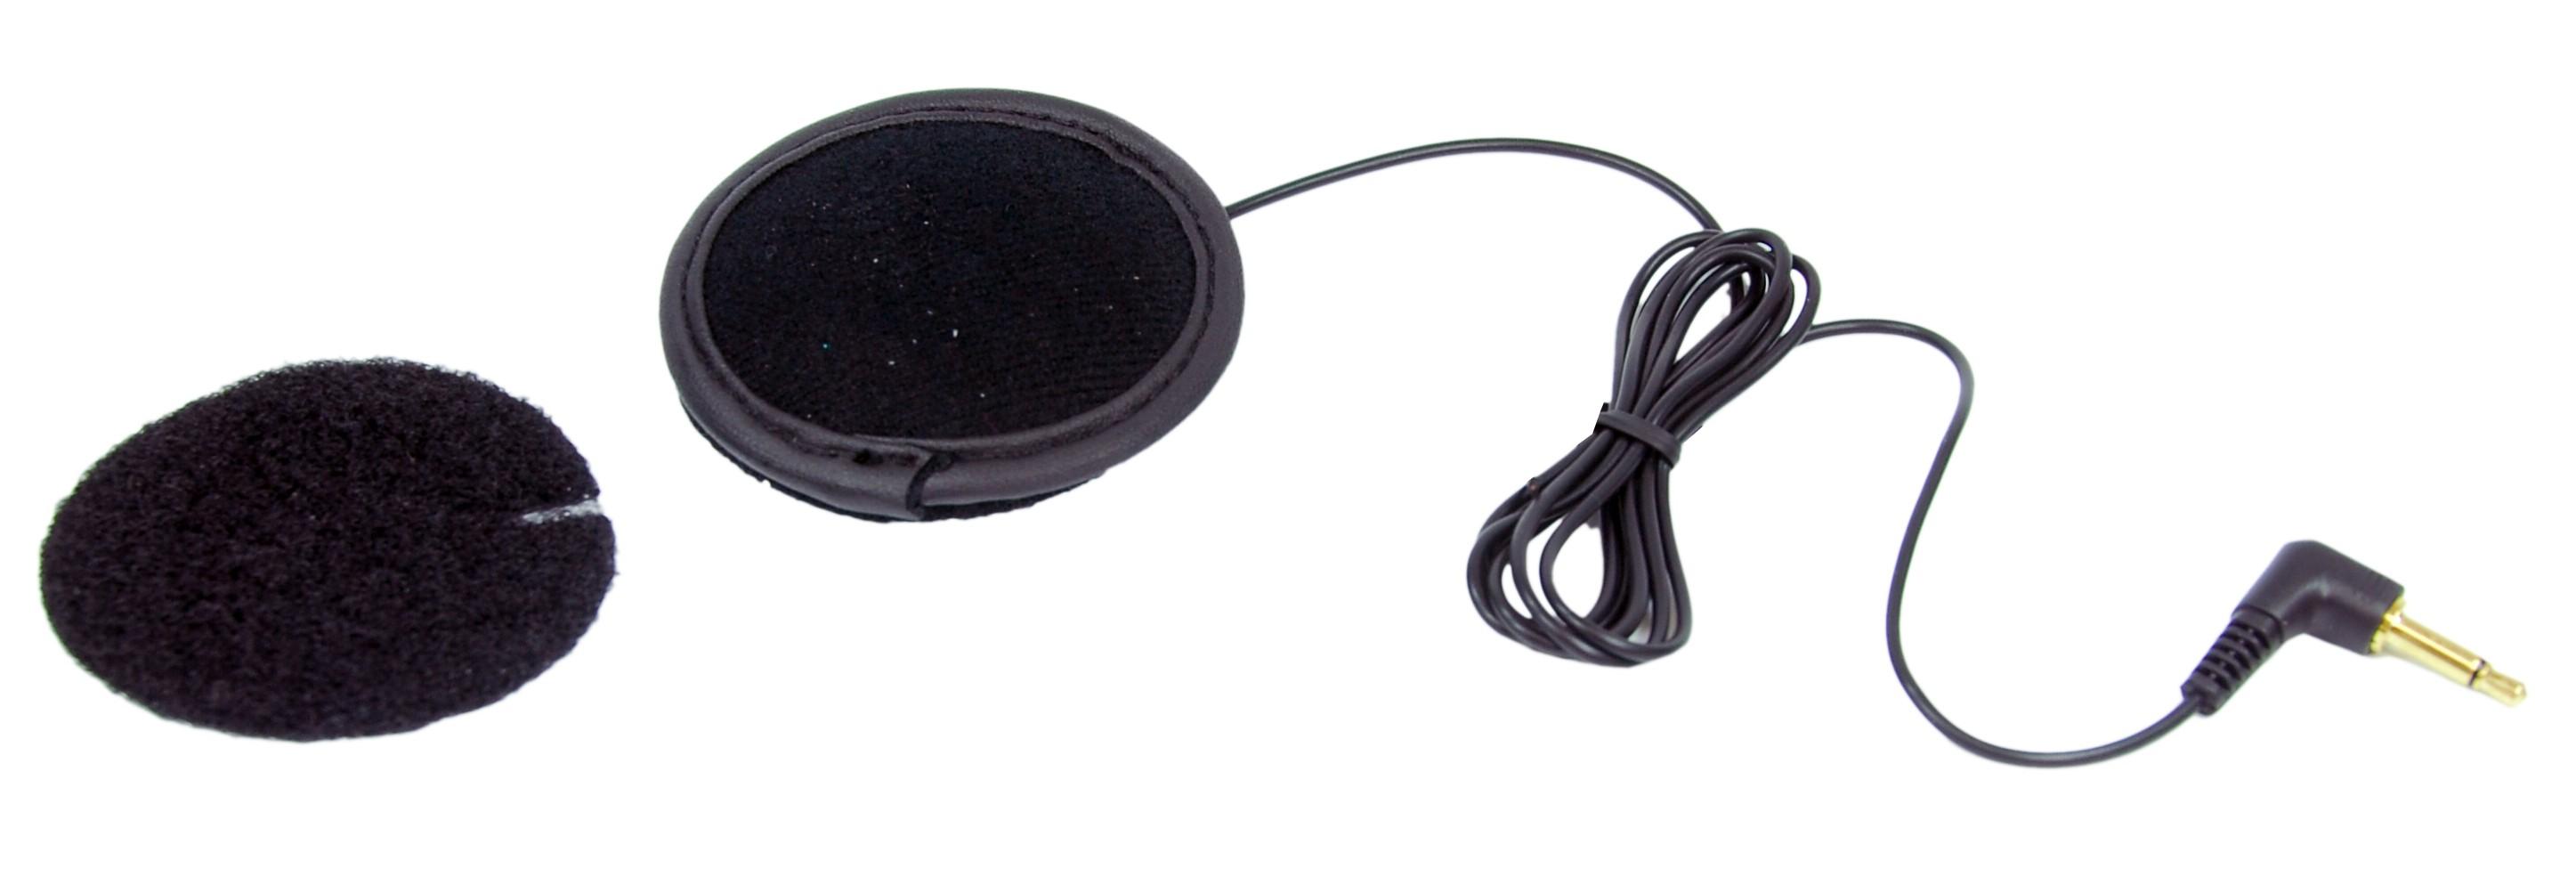 Albrecht Helmet Flat Speaker 3.5mm Jack